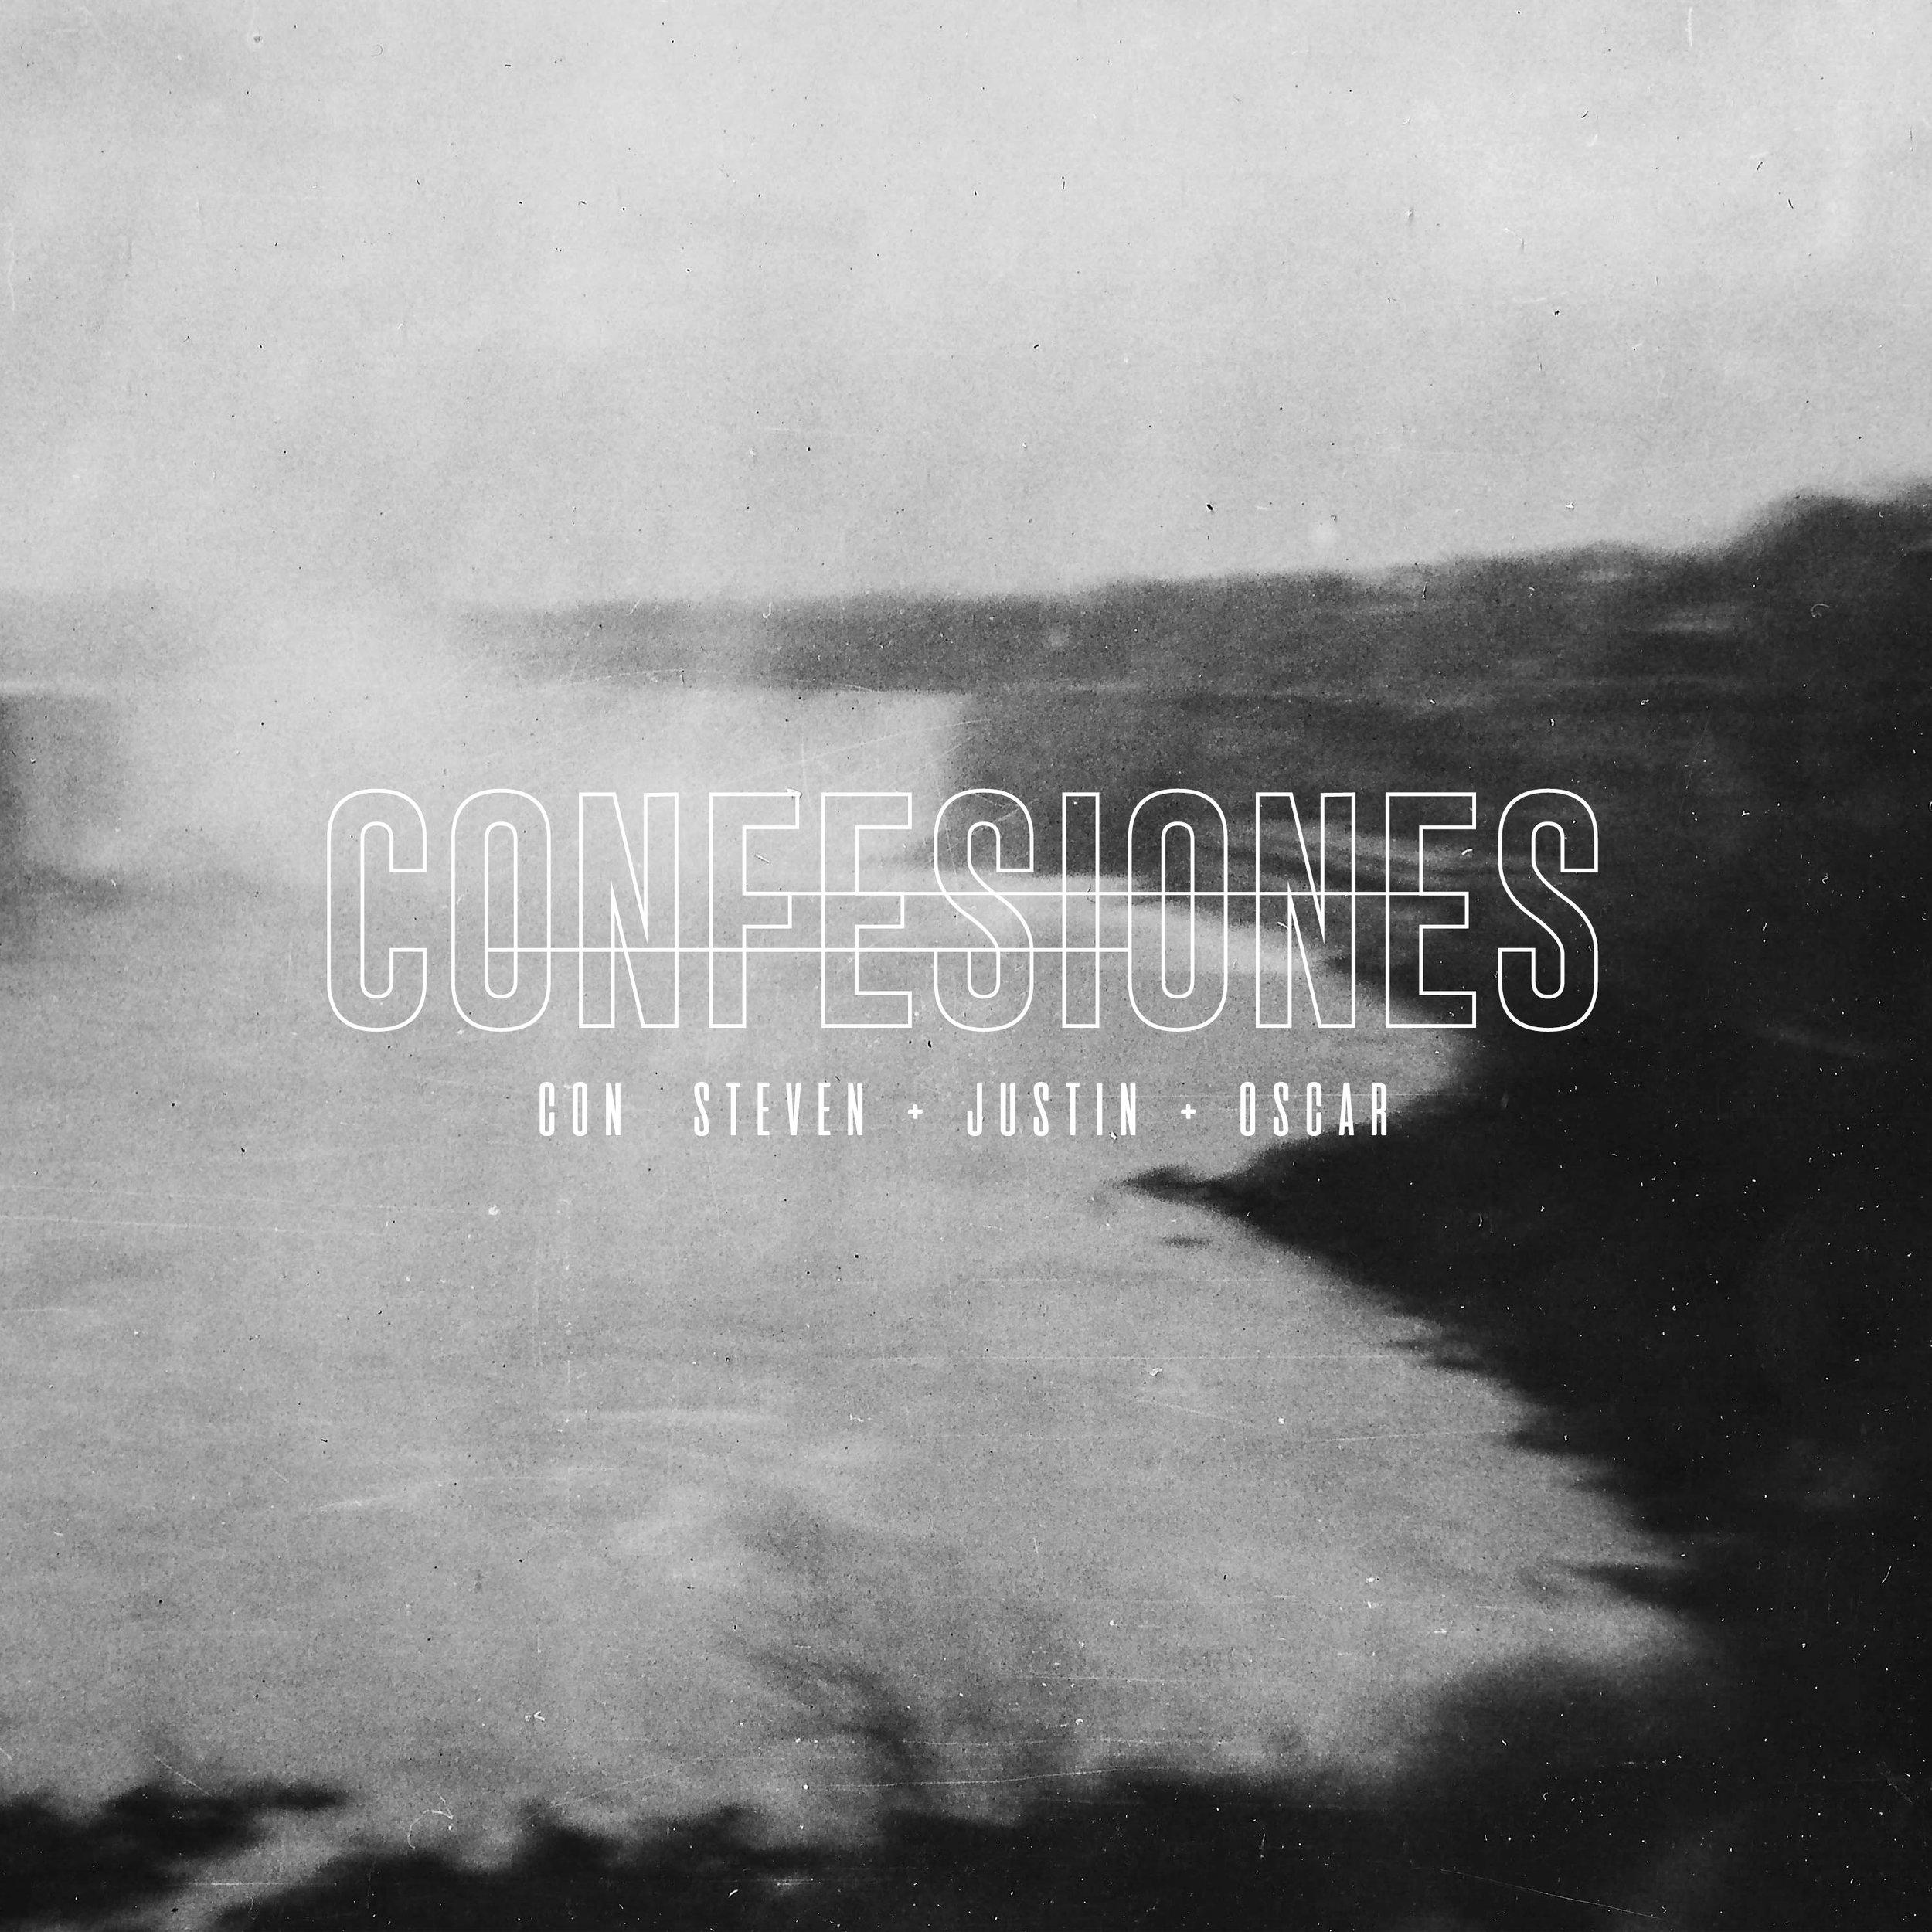 confesiones-artwork-web.jpg